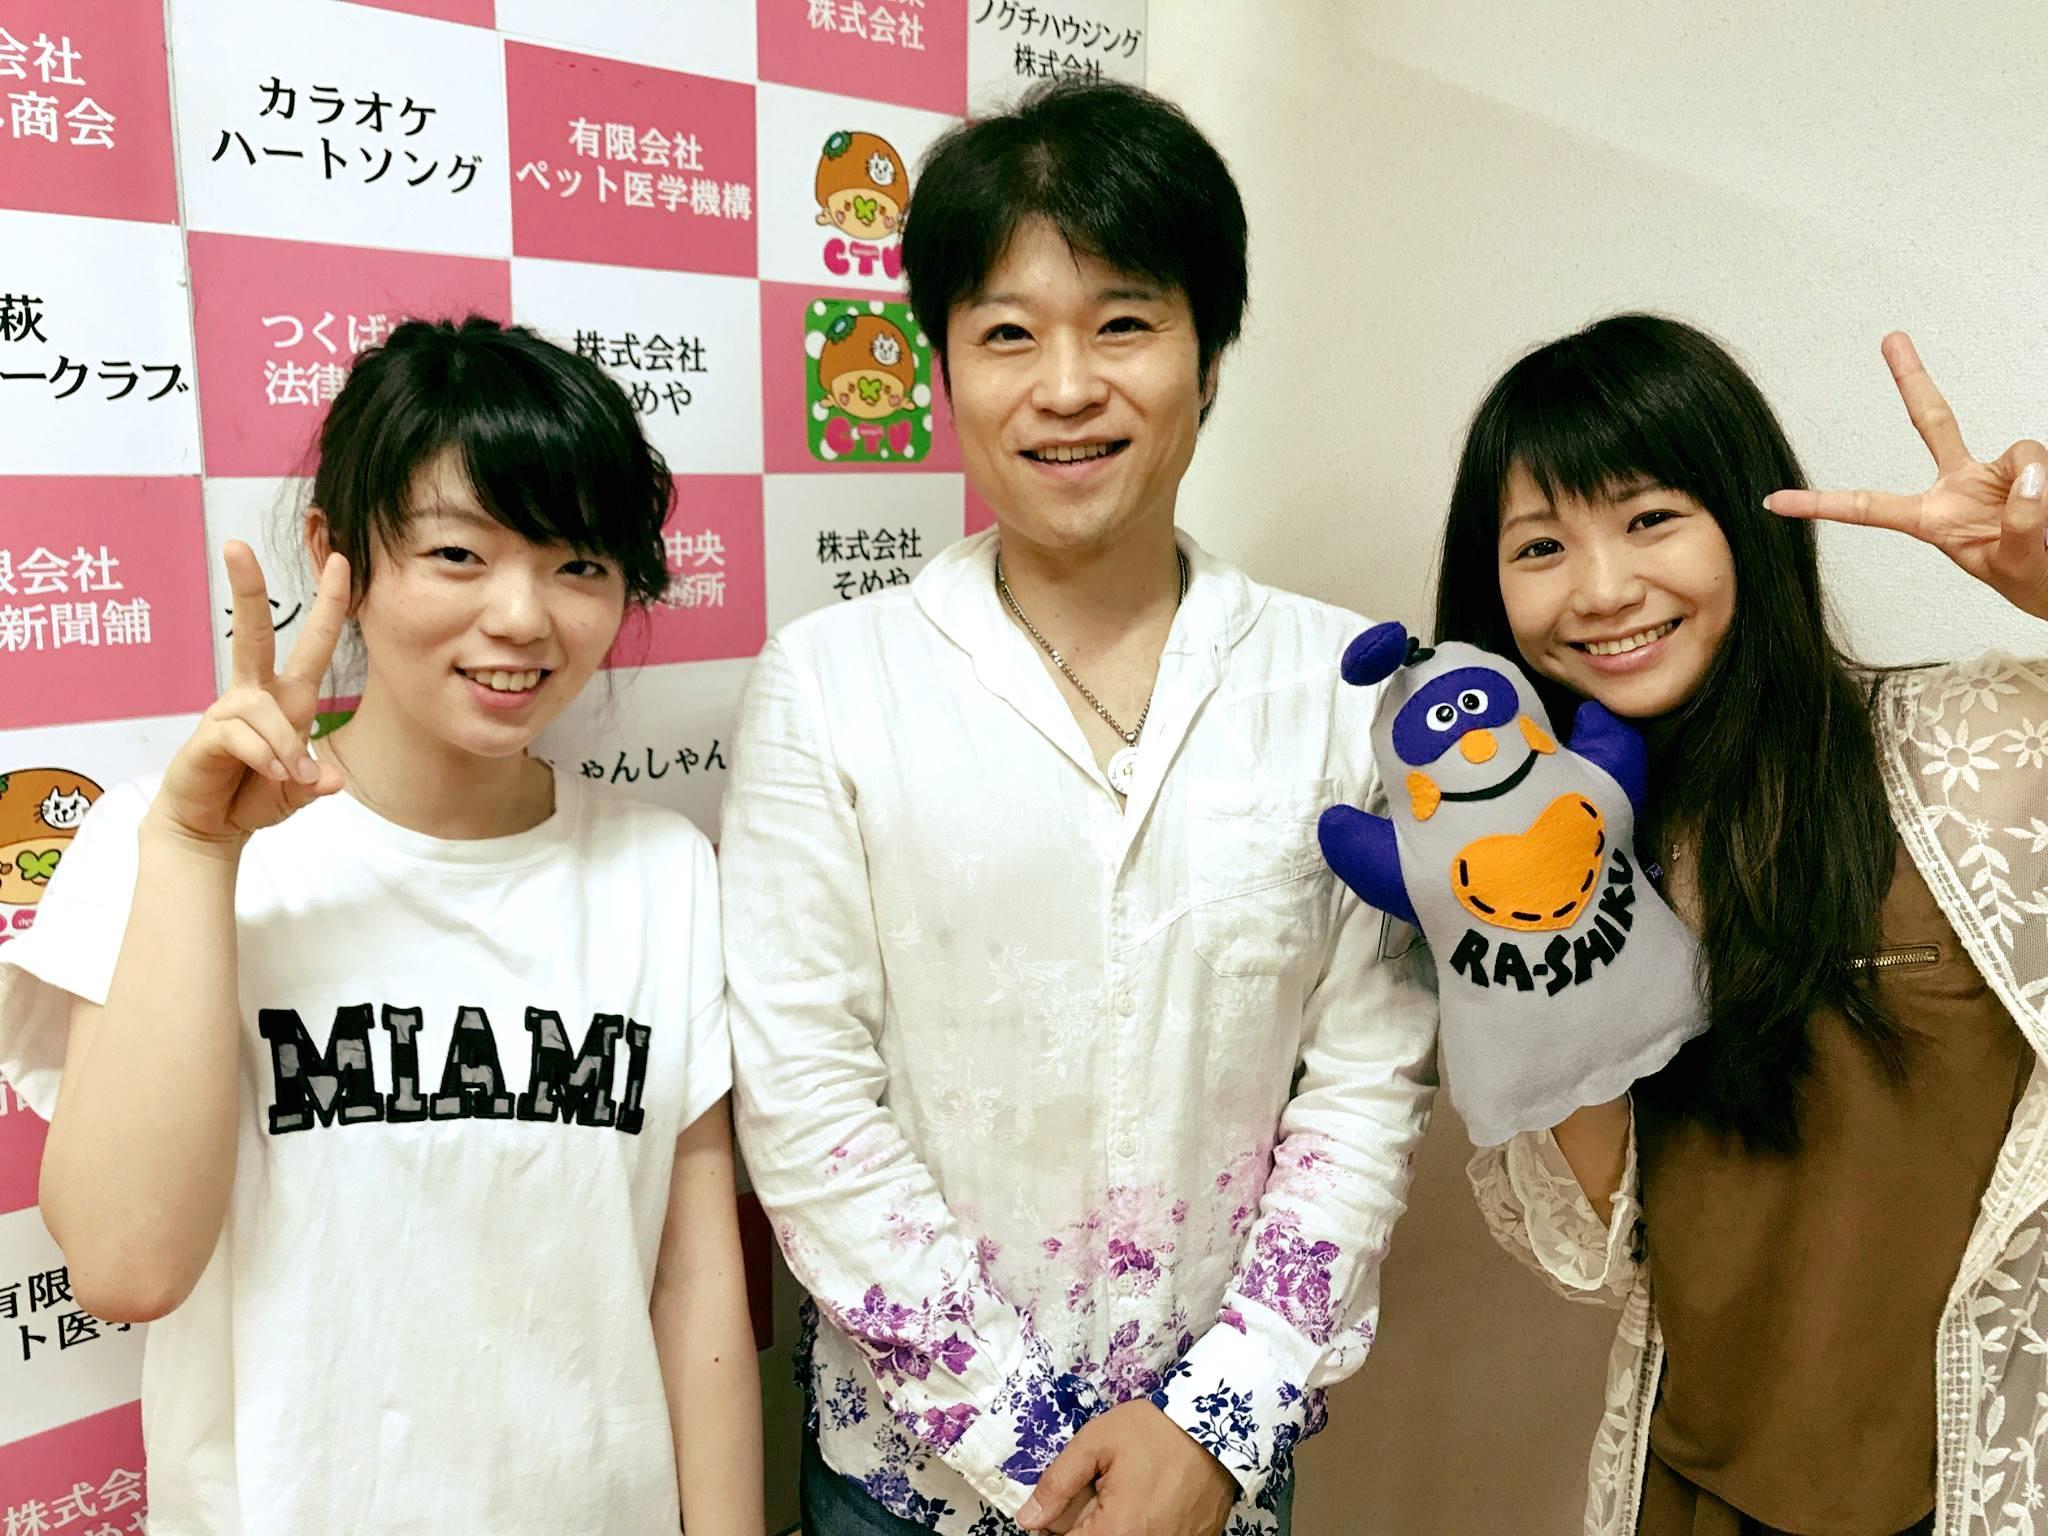 [2017/6/1] ♡夕暮れモーモー #36♡ゲスト RYUさん